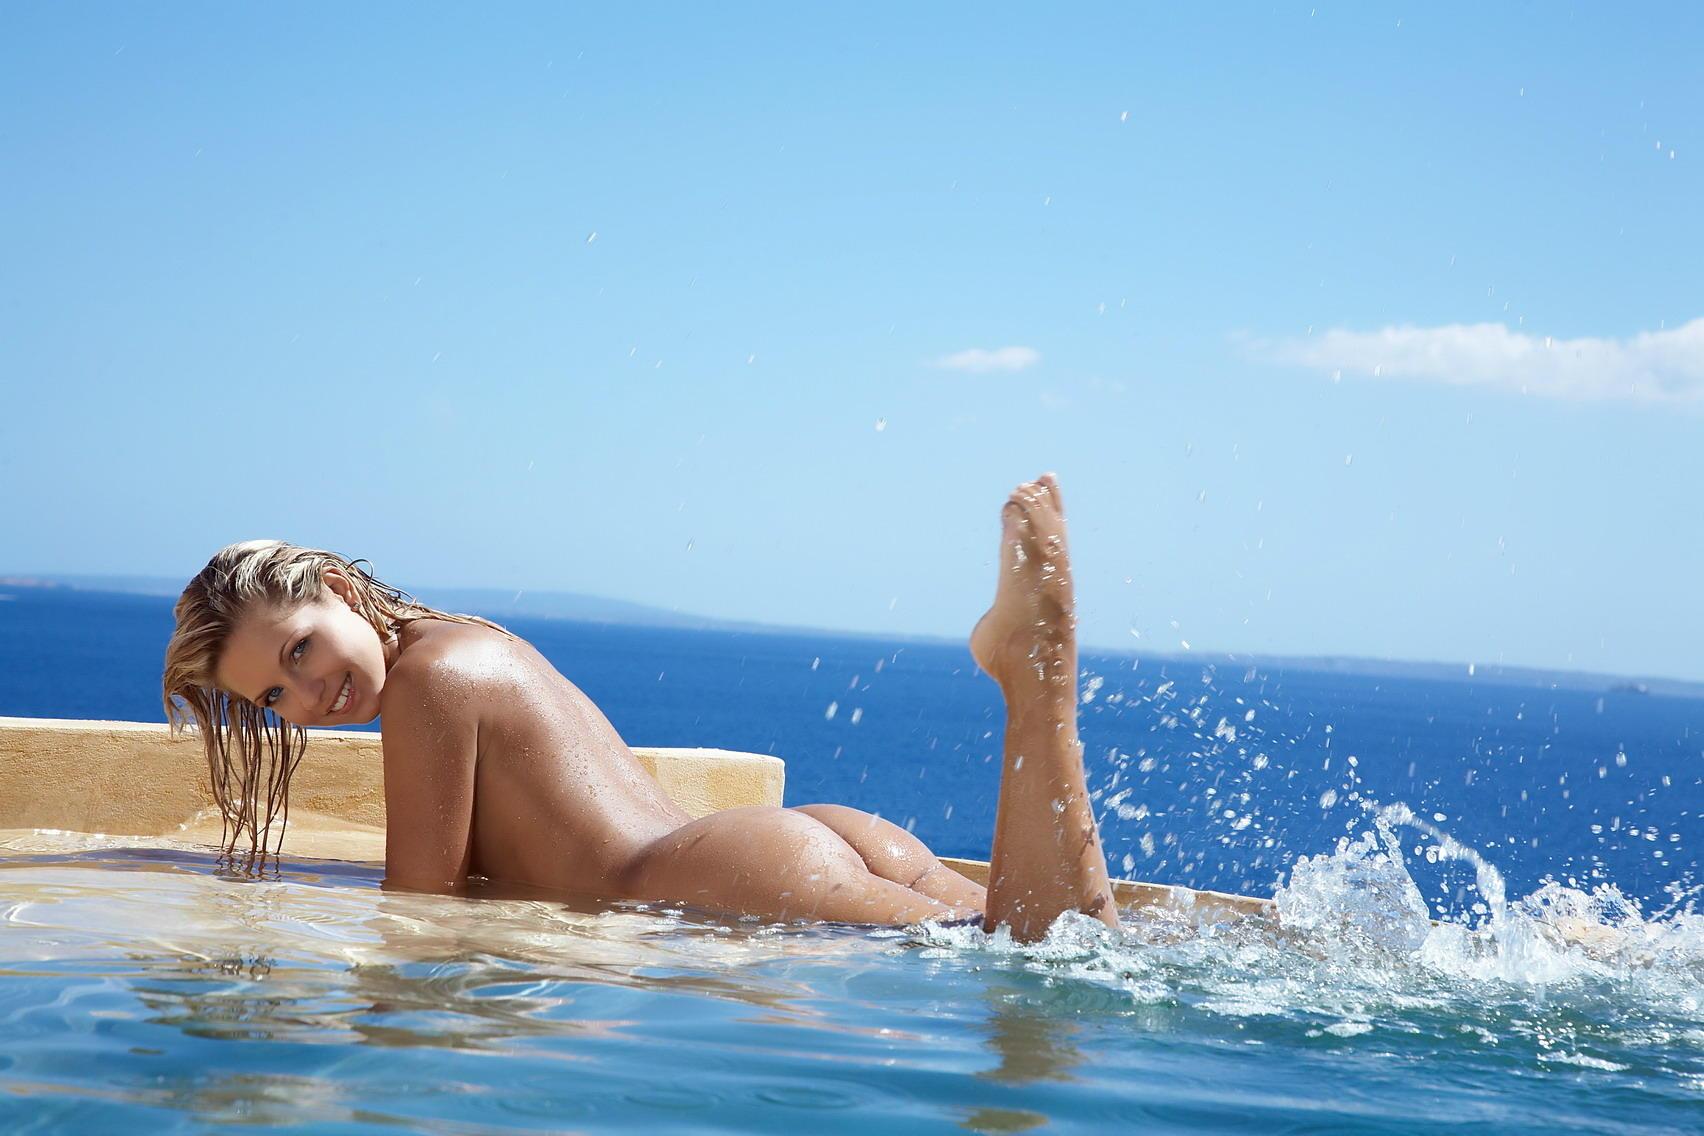 смотреть эротику красивых блондинок у моря наоборот